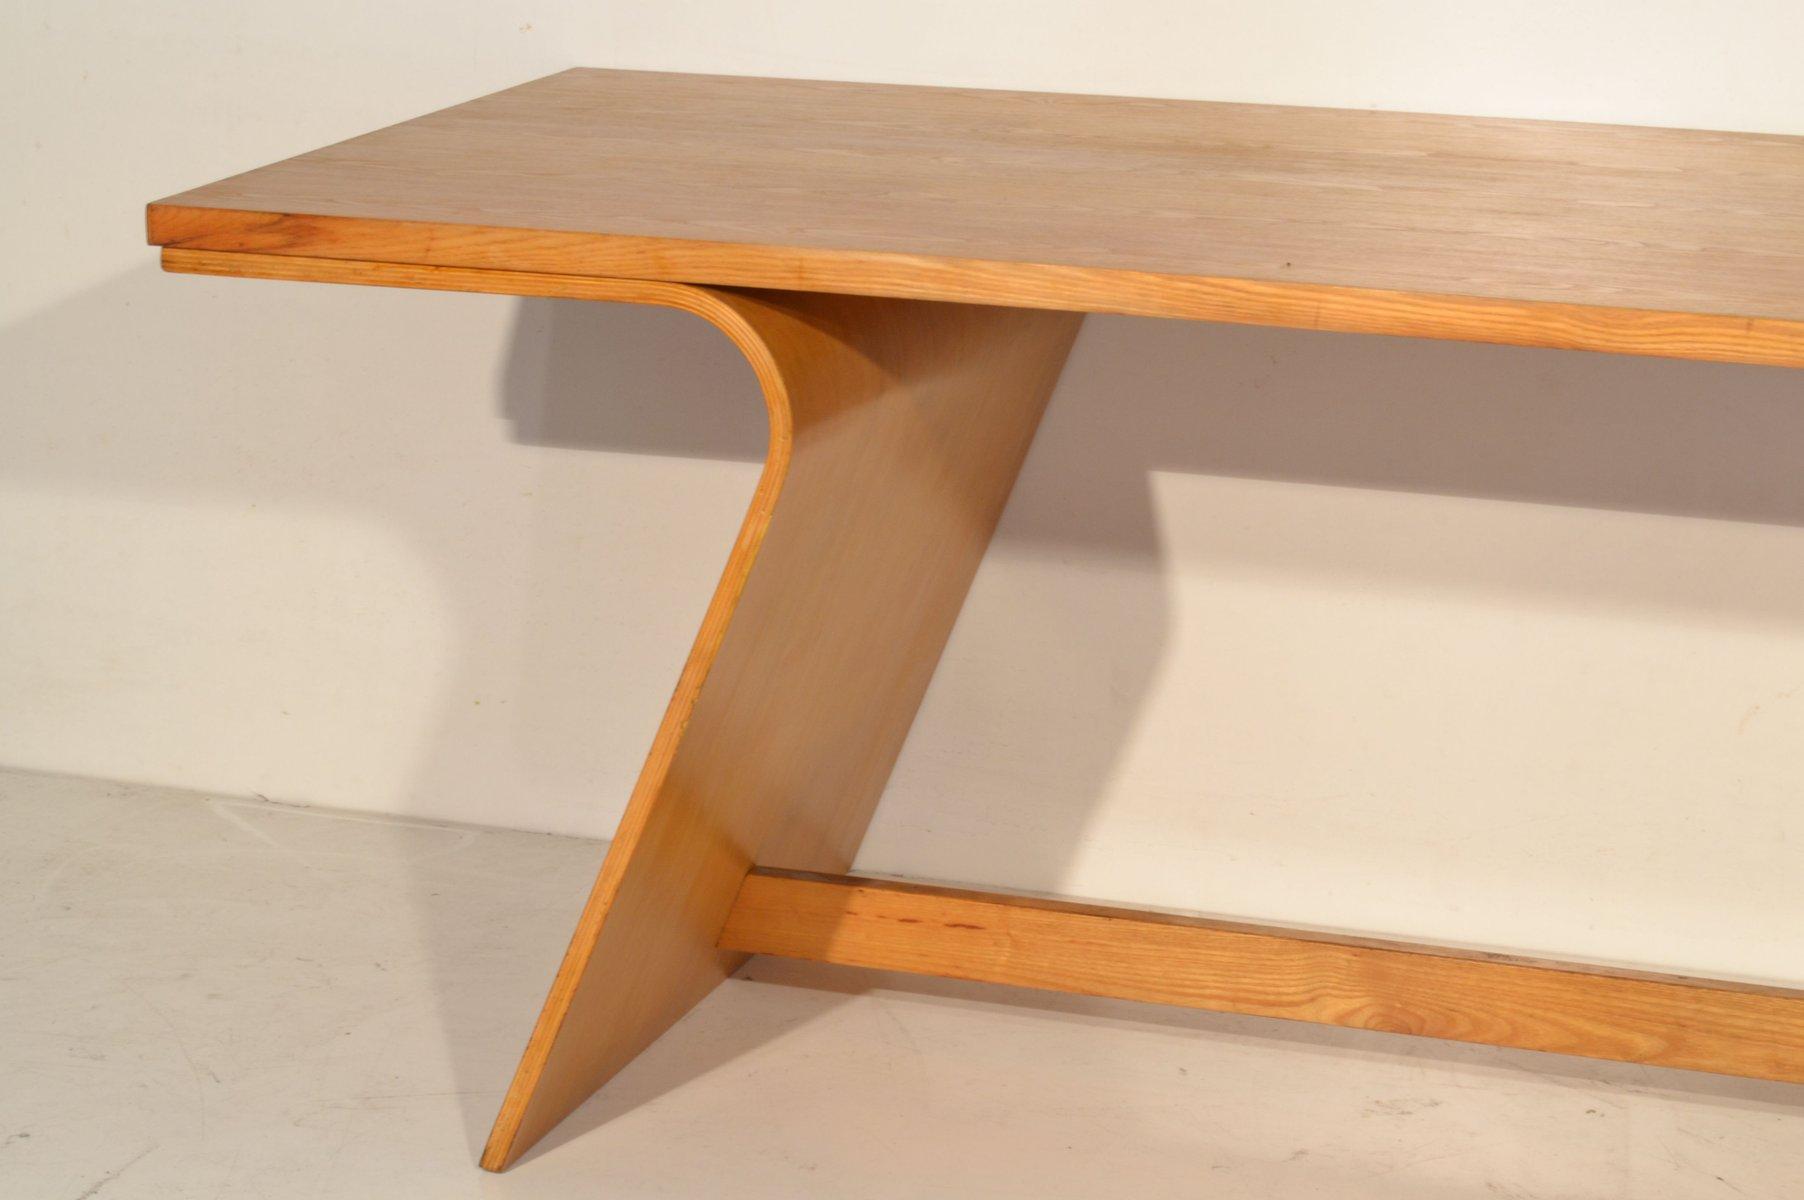 Vintage esstisch aus schichtholz bei pamono kaufen - Esstisch verspiegelt ...